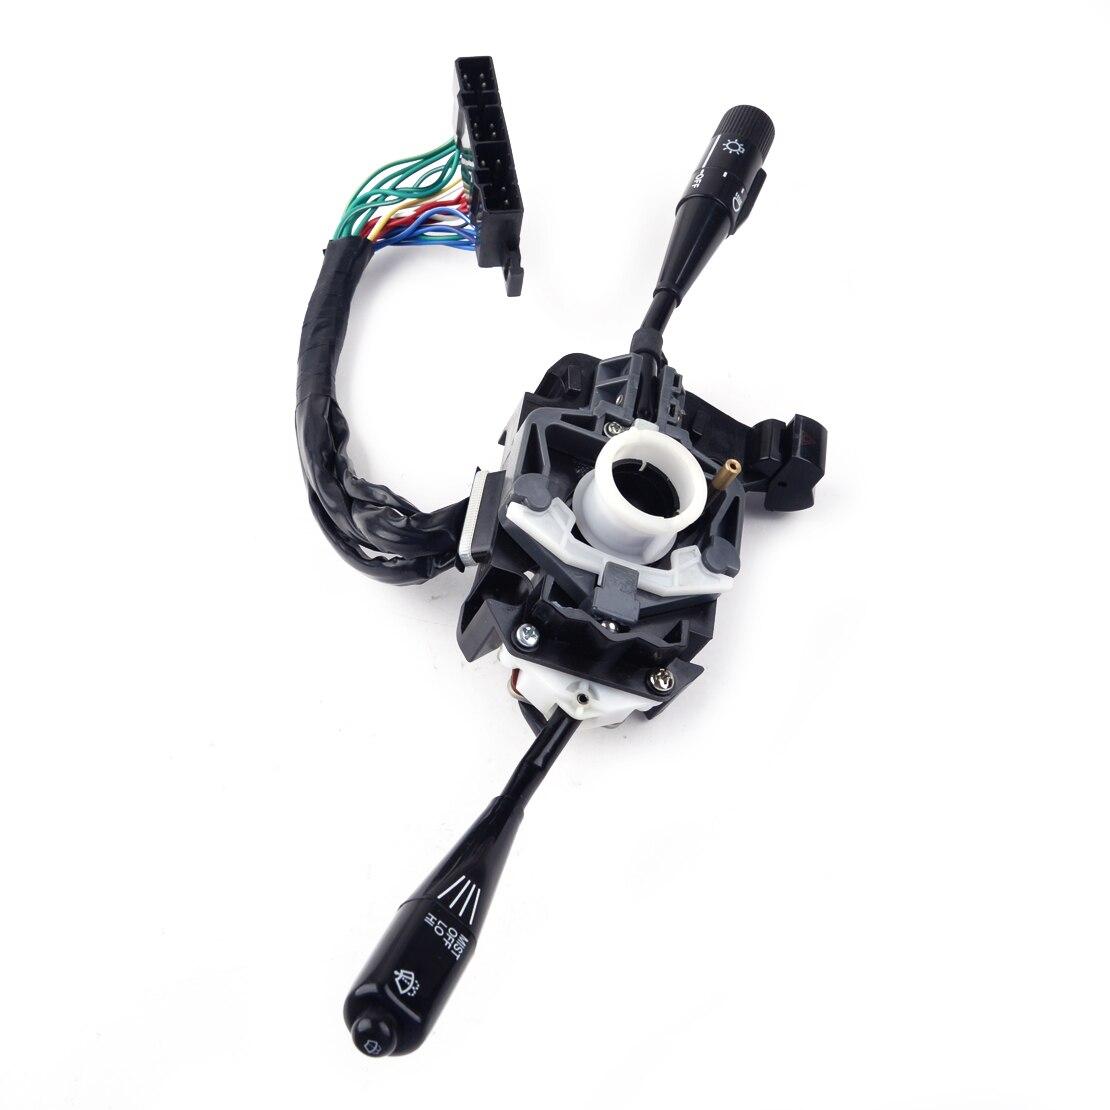 84310-35180 8431035180 Lenkrad Kombination Scheinwerfer Blinker Schalter Fit Für Hilux YH50 52 55 57 6